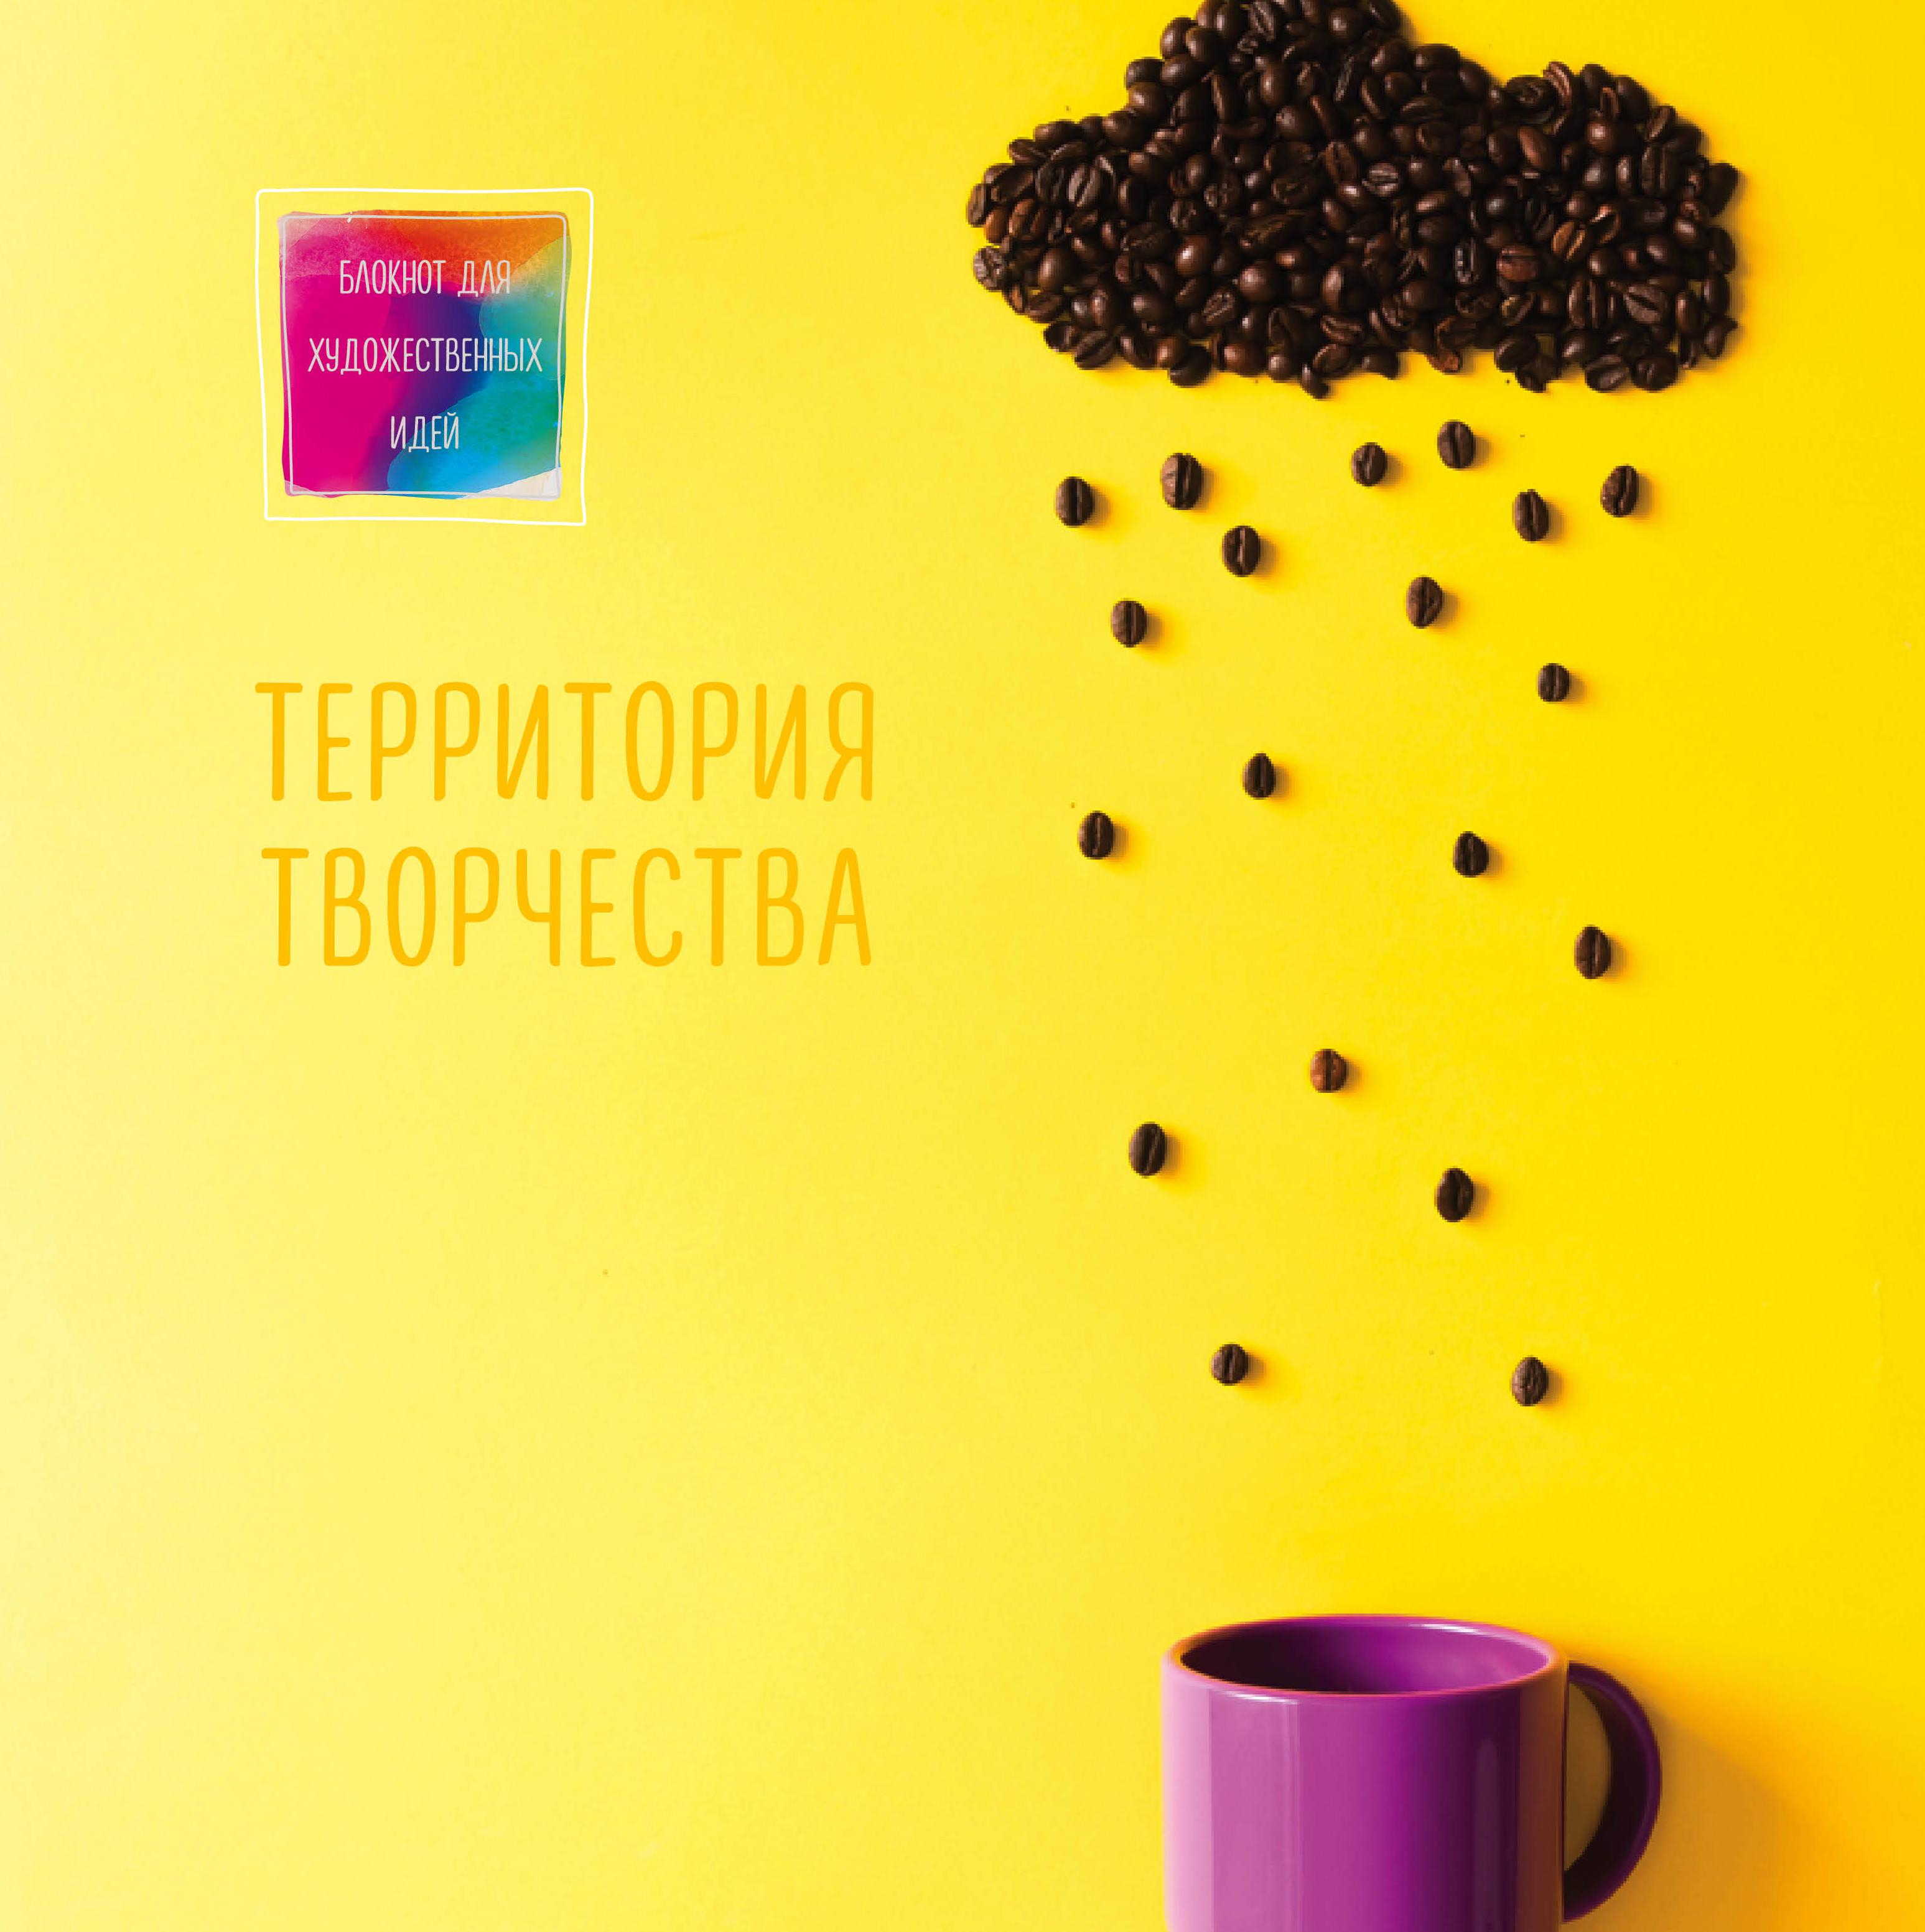 Фото Кофе. Блокнот для художественных идей. Купить  в РФ